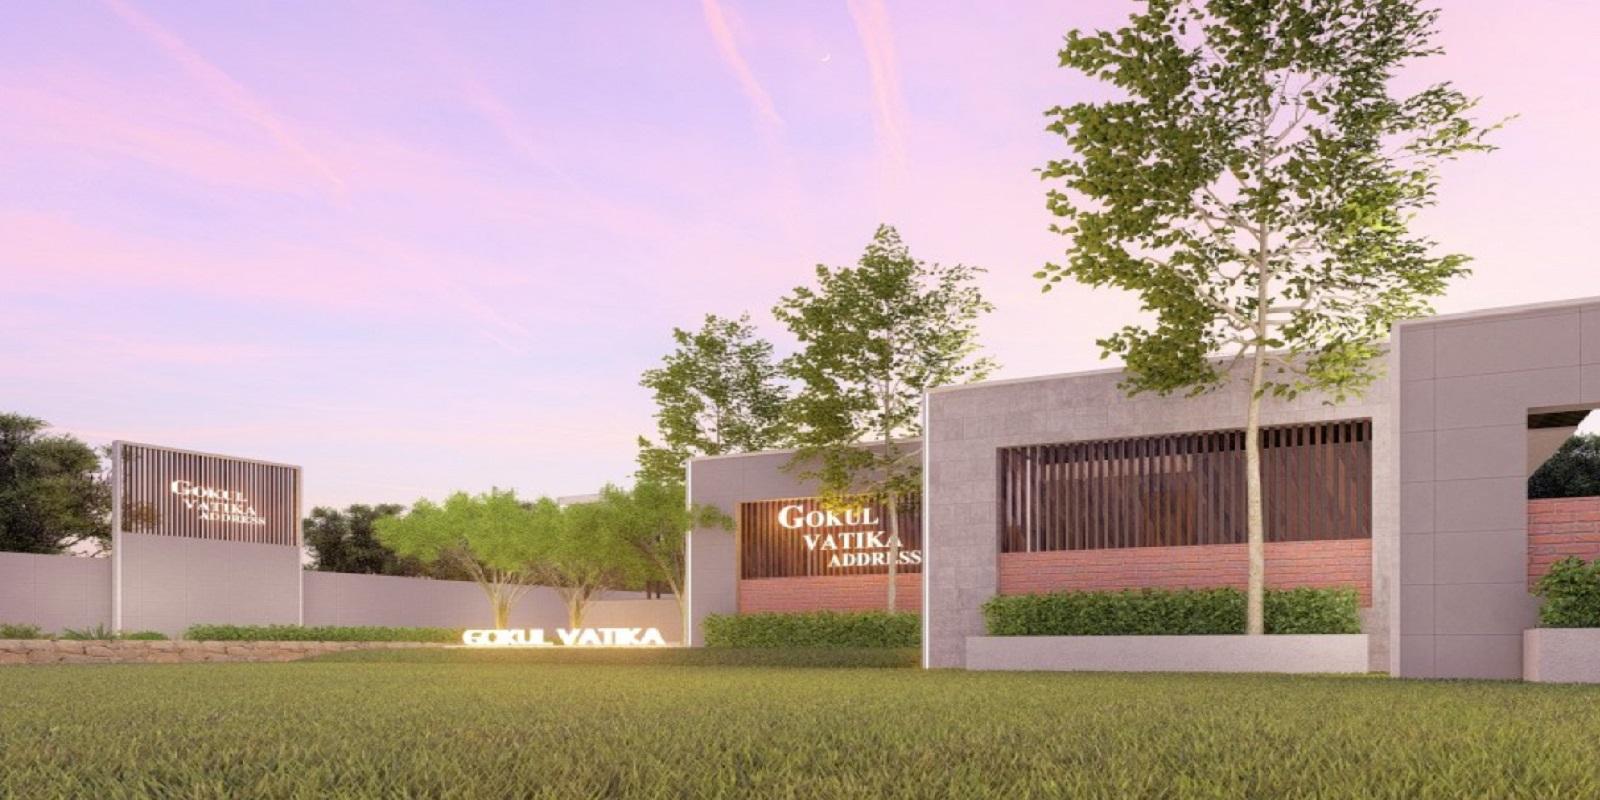 gokul vatika address project project large image1